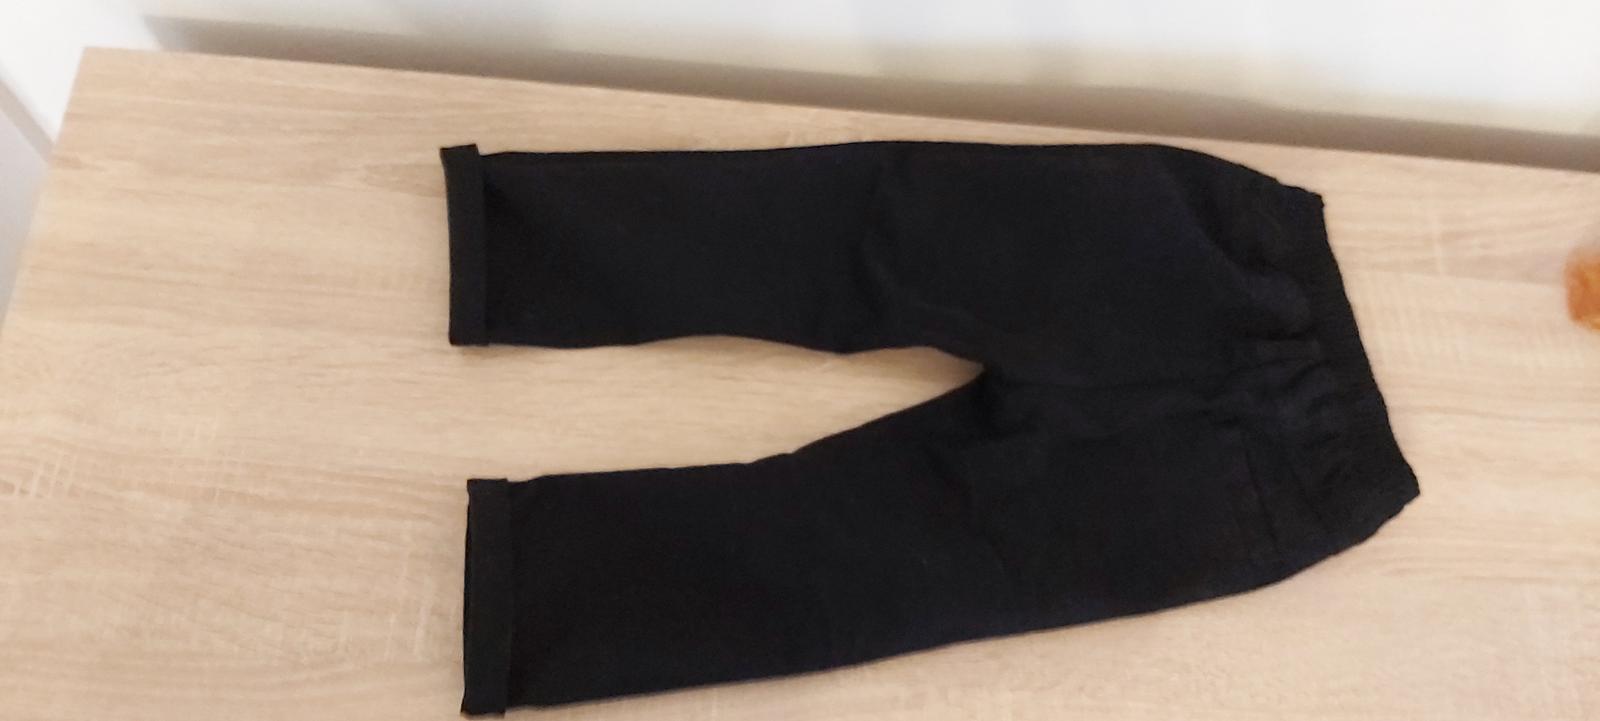 chlapčenské nohavice - Obrázok č. 1